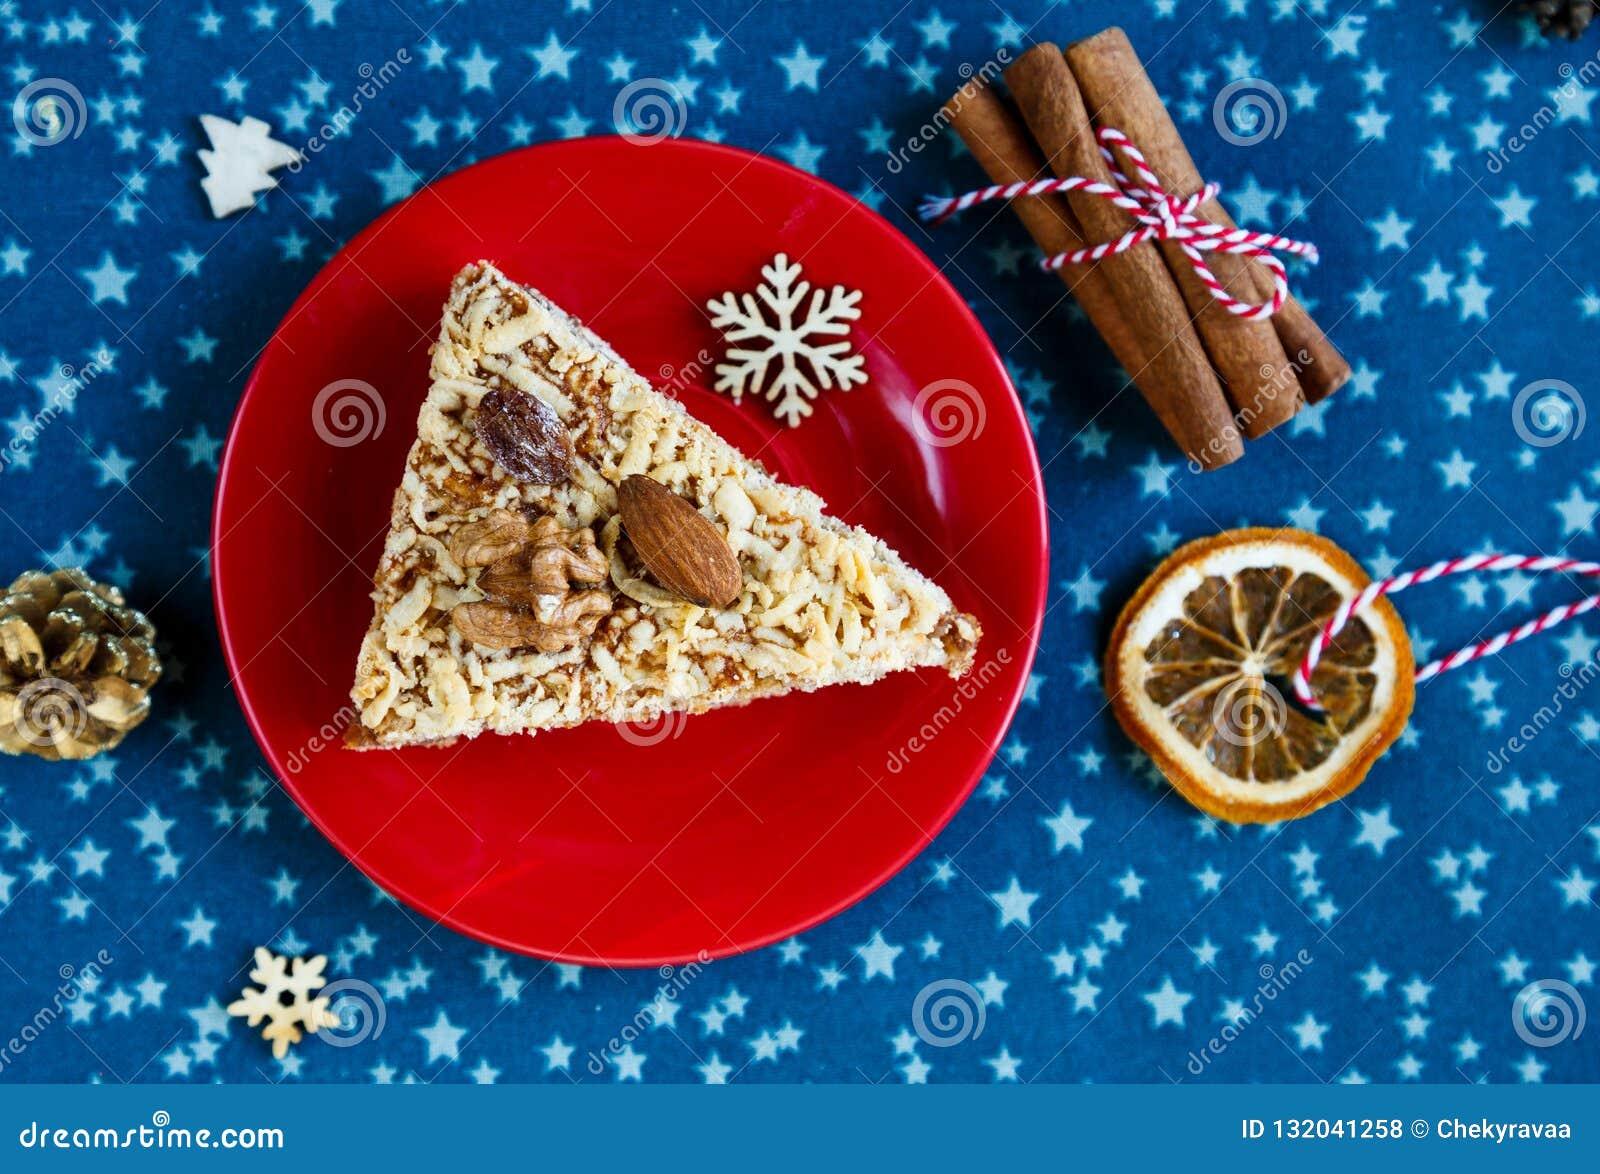 Bolo de frutas, decoração, placa com um bolo e uma xícara de café vermelha ou chá no placemat azul Ano novo